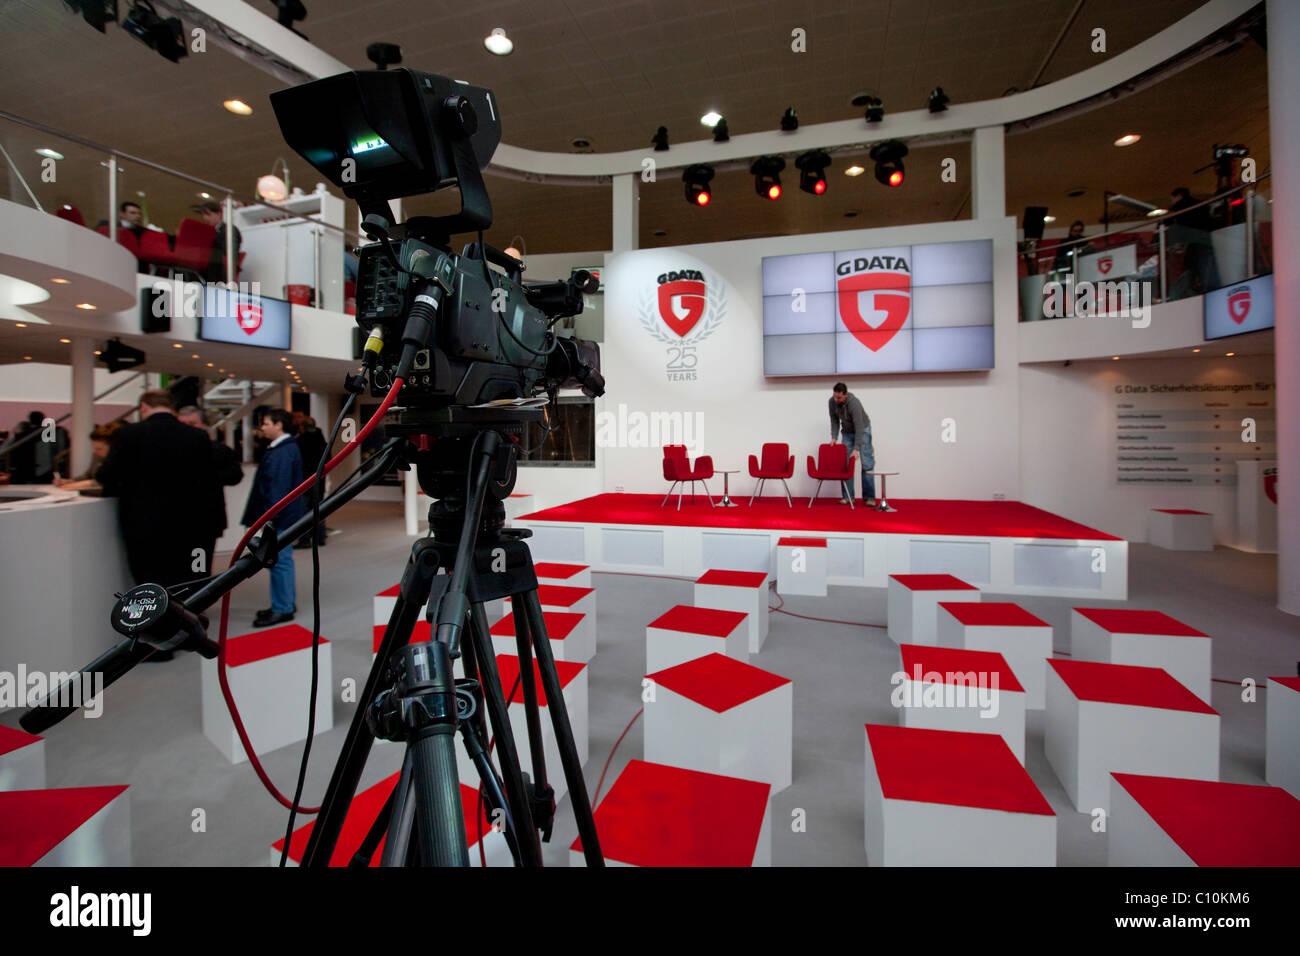 Preparati per una presentazione da GDATA, software di sicurezza Internationale Computermesse CEBIT international Foto Stock